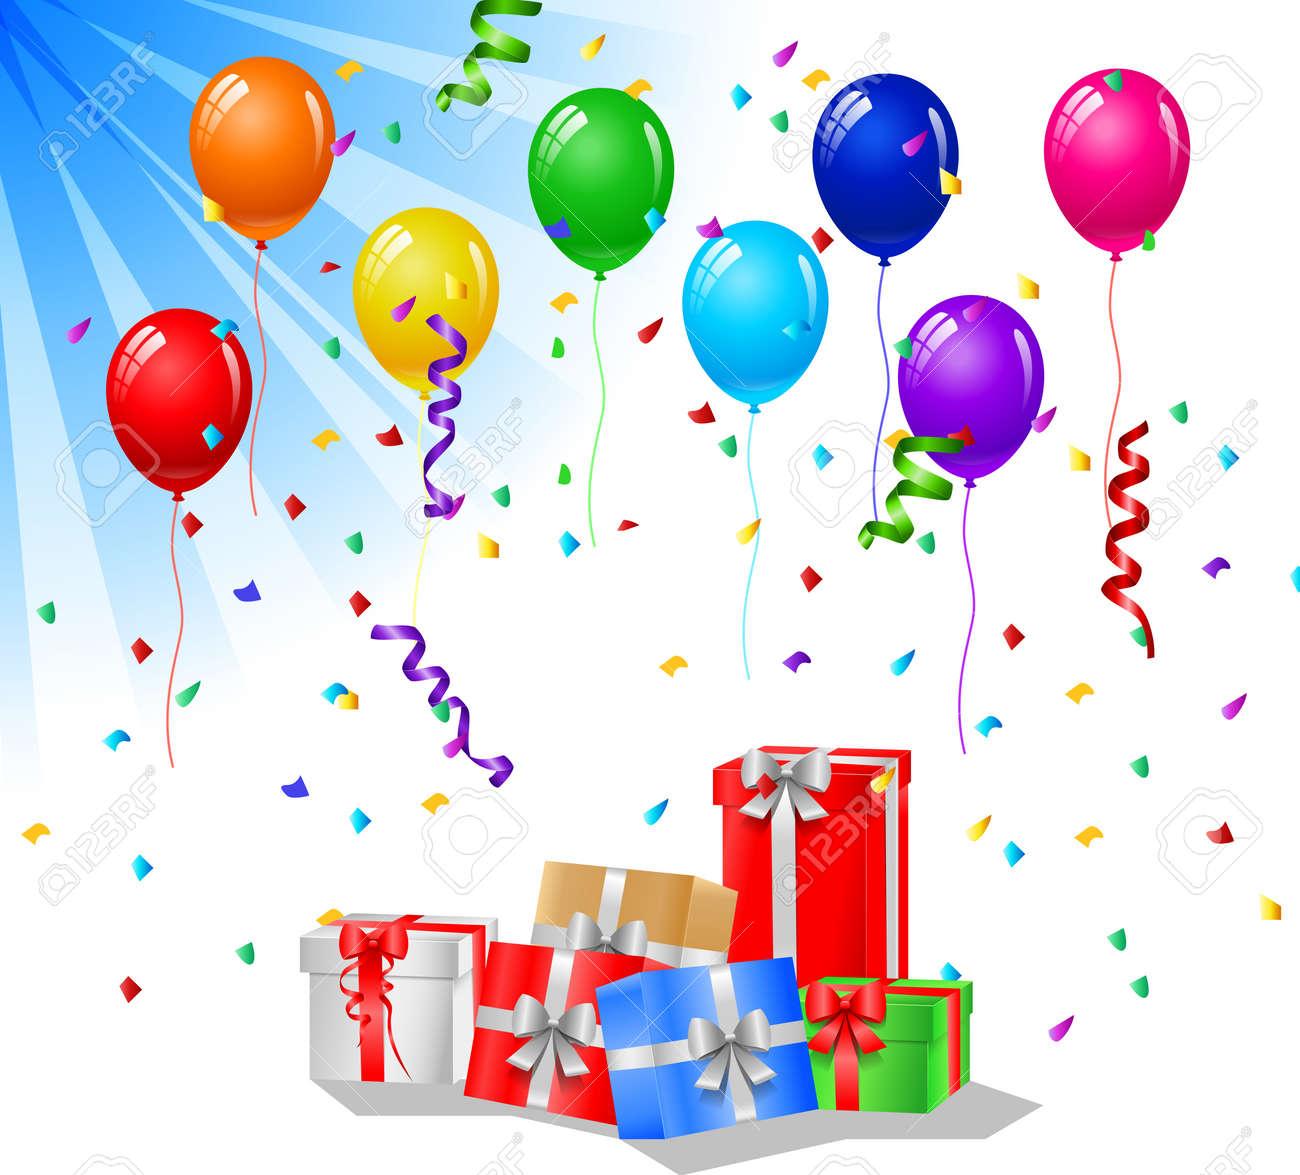 Открытки с днём рождения с воздушными шарами